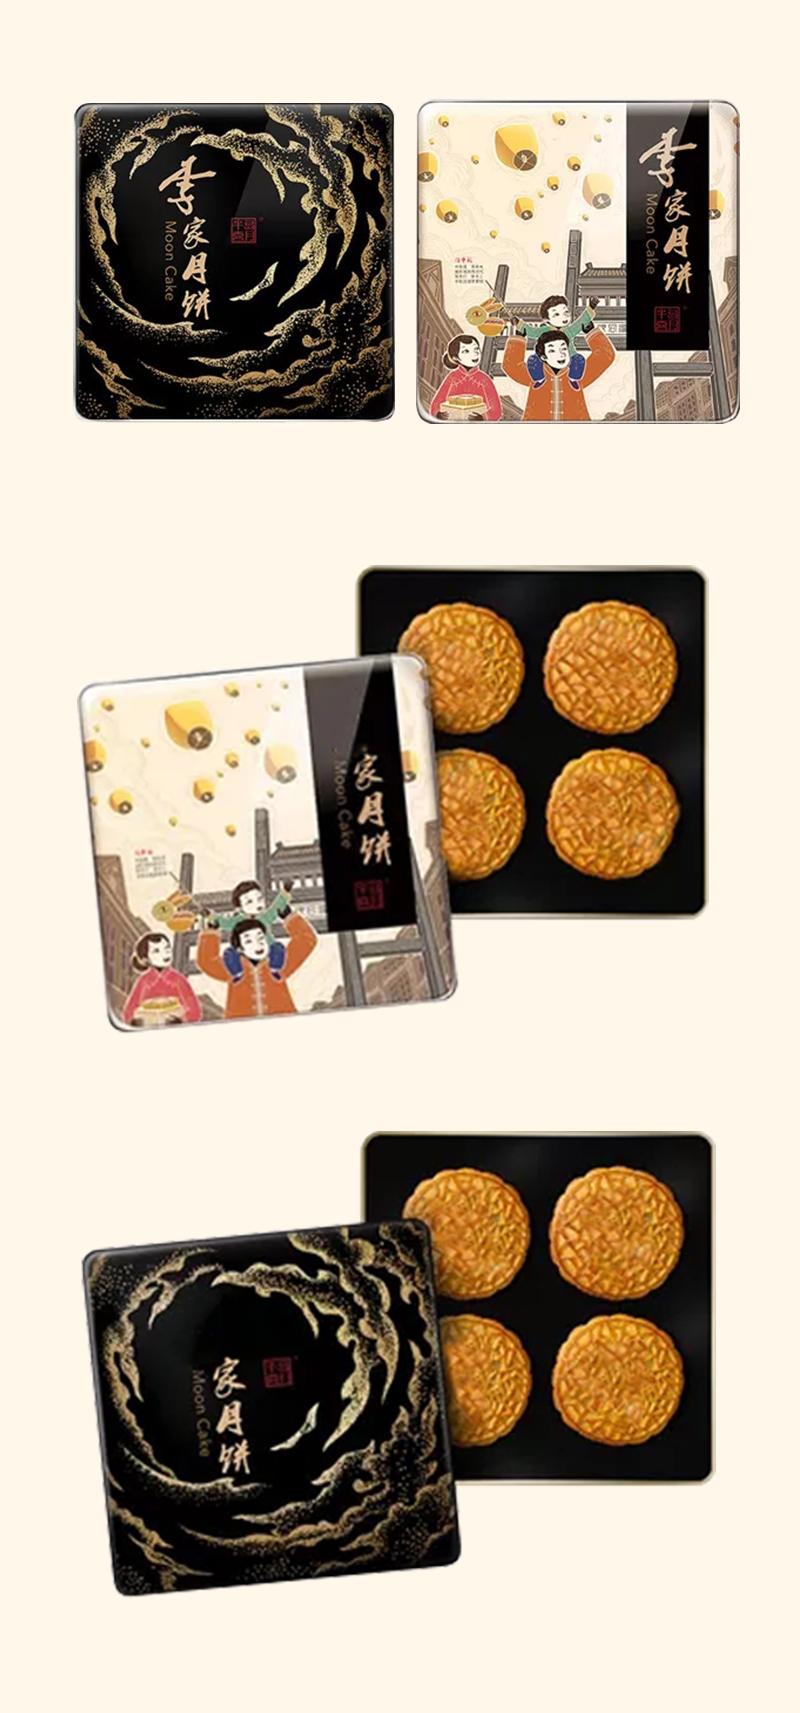 素雅月饼礼盒铁盒设计